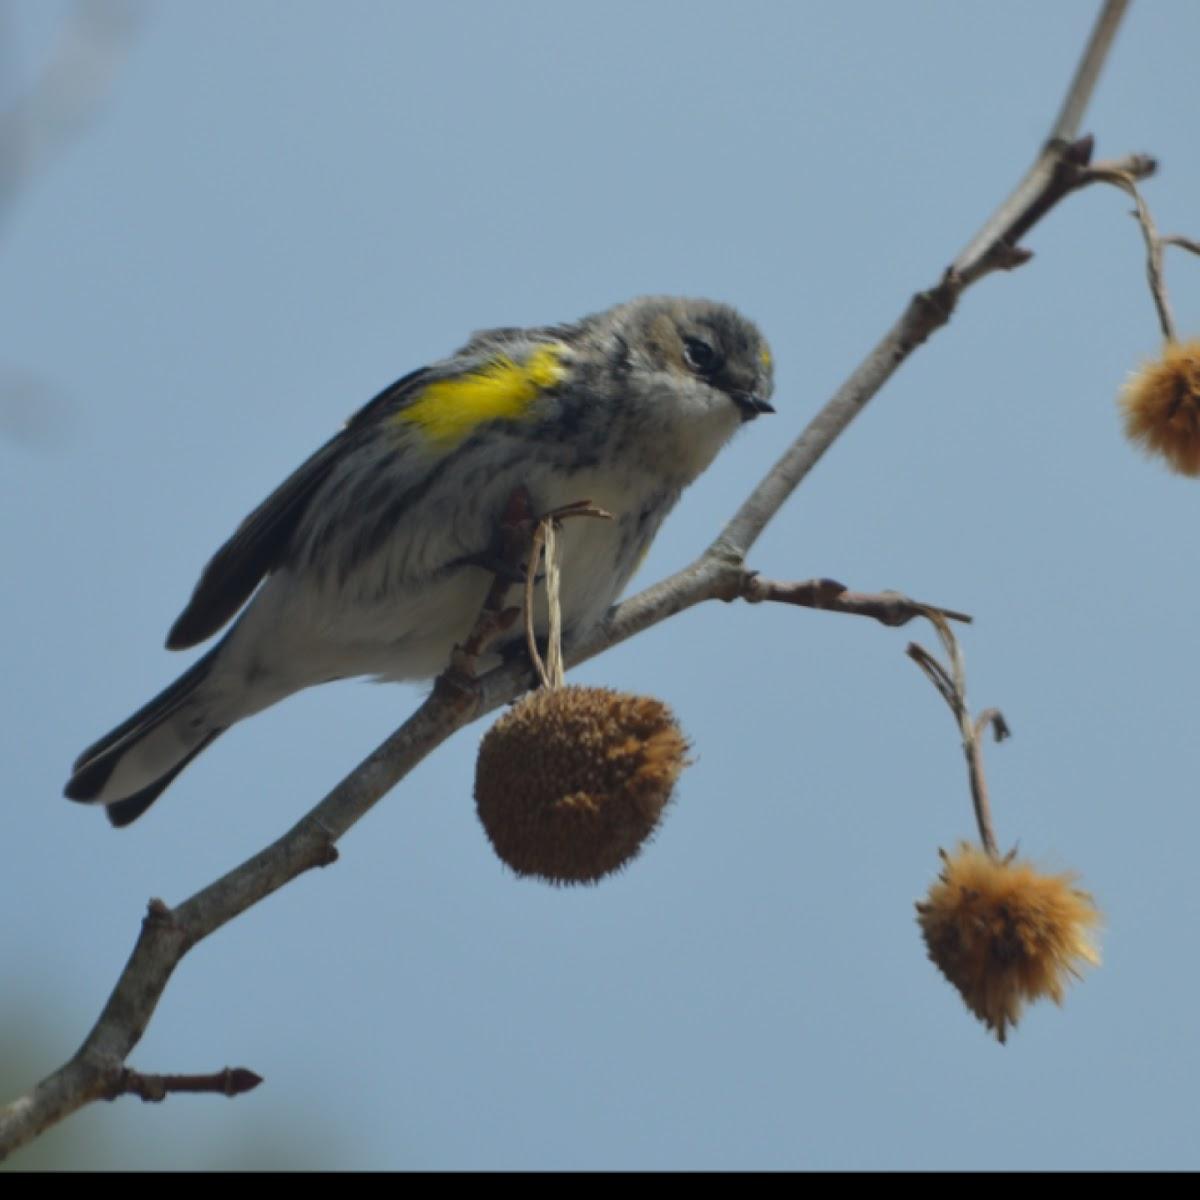 Yellow-rumpled warbler